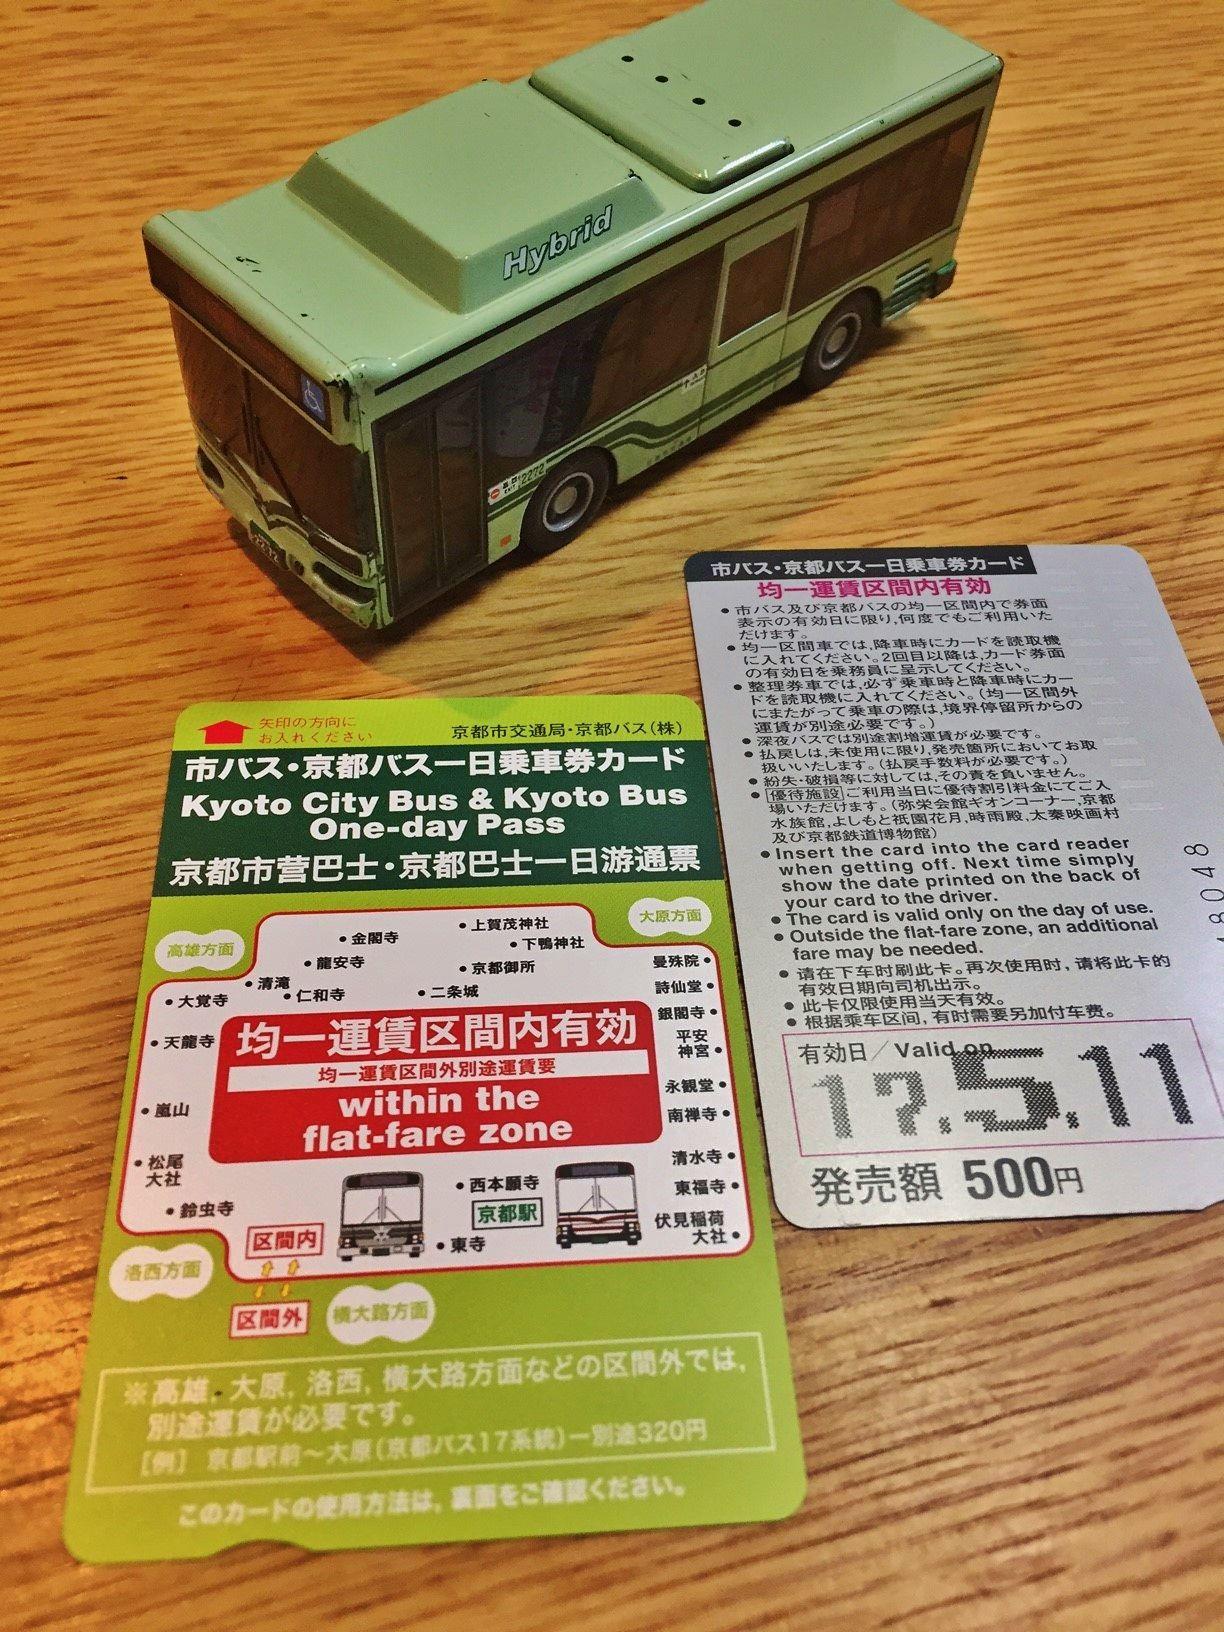 バス派が選ぶ「1日乗車券」の存在